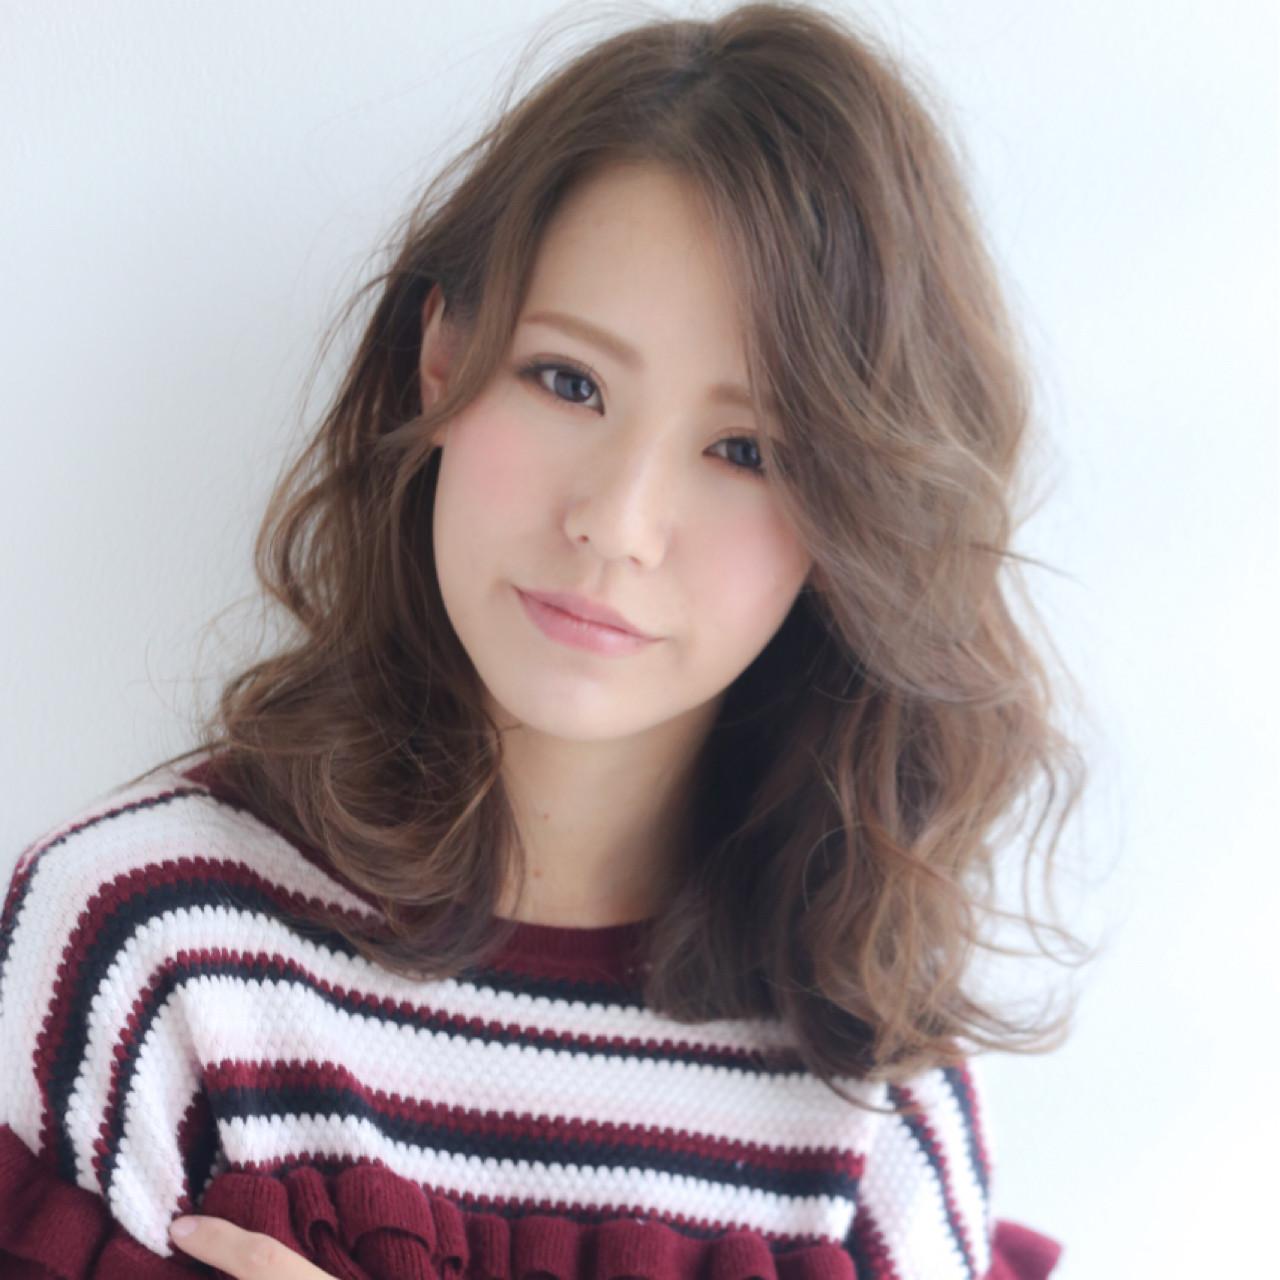 卵型×ミディアムボブ+前髪なし 木村 圭希 | Ami